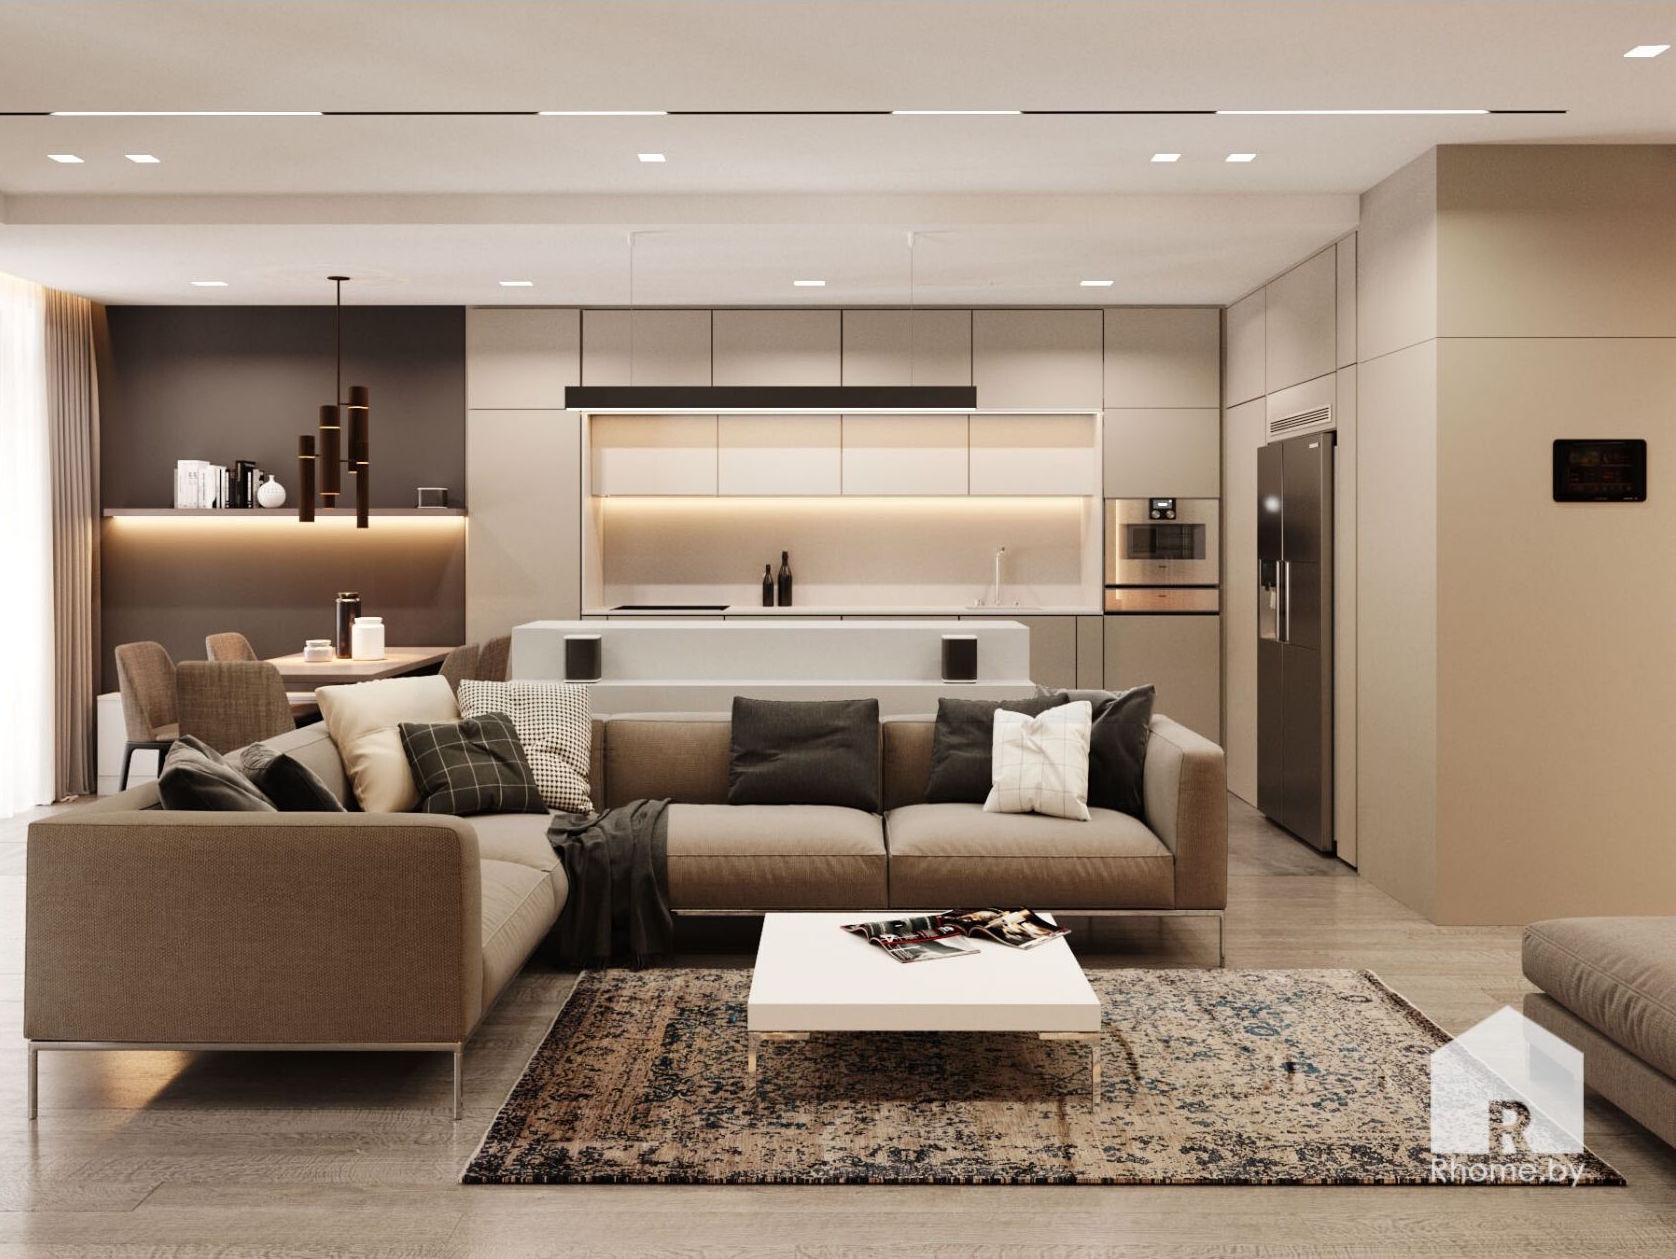 Гостиная с большим коричневым диваном, низкий журнальный столик стоит на ковре, а на заднем плане белая минималистичная кухня.